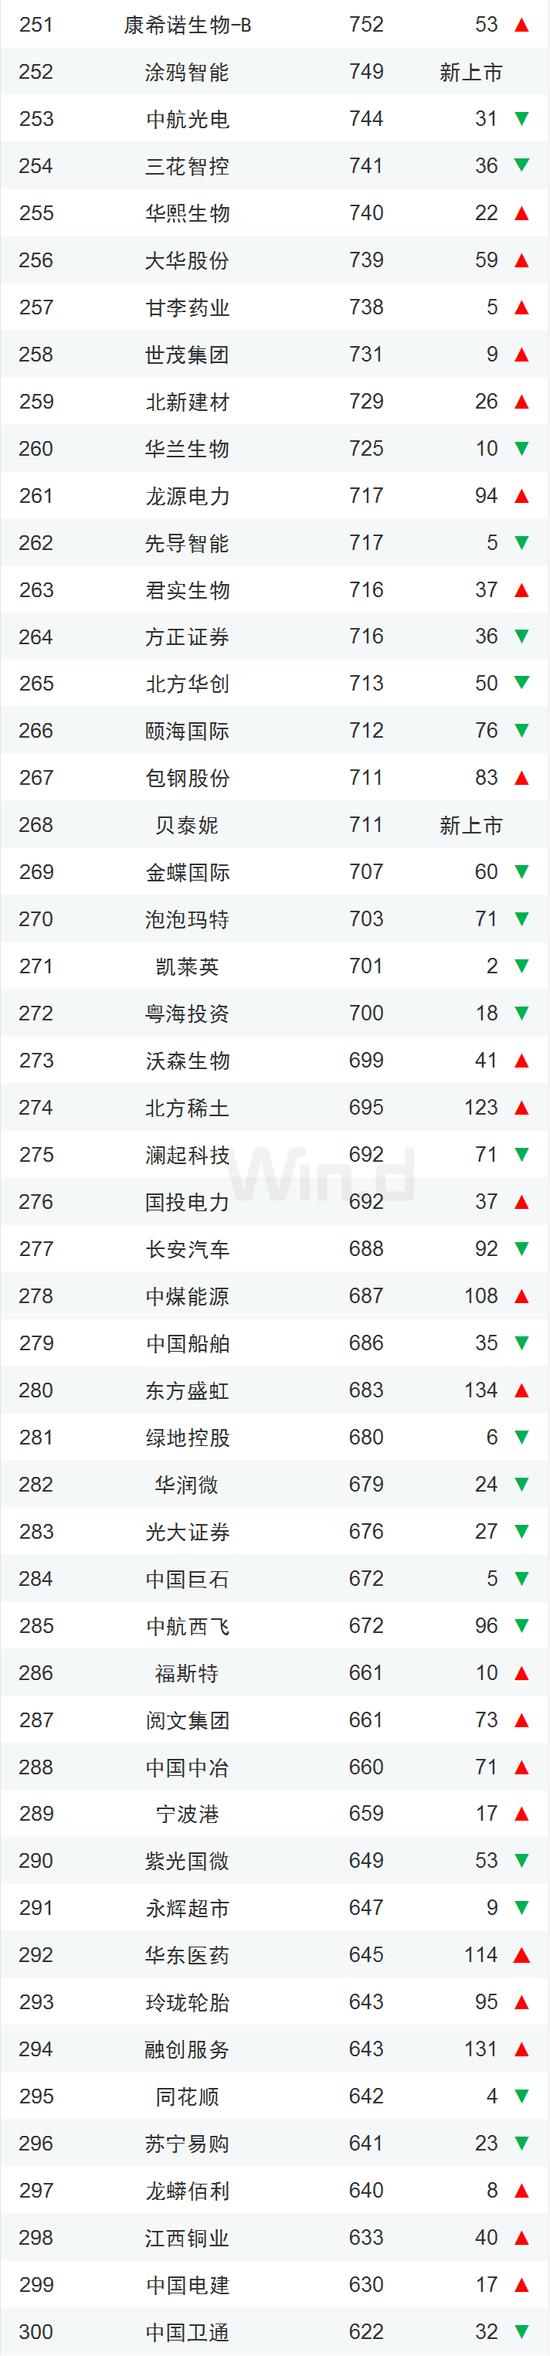 中国企业市值500强一览:腾讯阿里霸榜、茅台紧随其后的照片 - 7